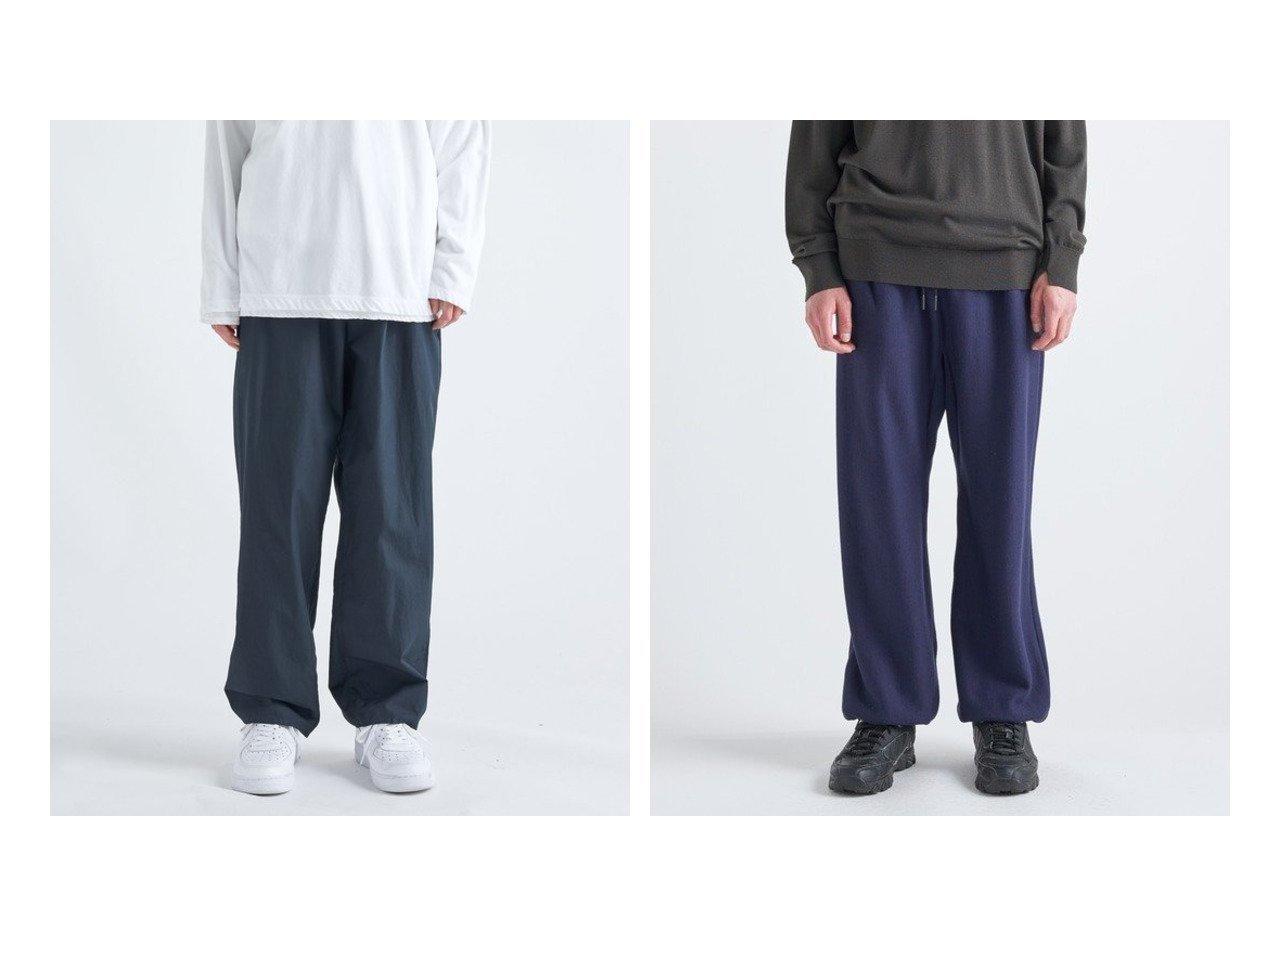 【ATON/エイトン】のスウェットパンツ(UNISEX)&パジャマパンツ(UNISEX) パンツのおすすめ!人気、トレンド・レディースファッションの通販 おすすめで人気の流行・トレンド、ファッションの通販商品 メンズファッション・キッズファッション・インテリア・家具・レディースファッション・服の通販 founy(ファニー) https://founy.com/ ファッション Fashion レディースファッション WOMEN パンツ Pants 送料無料 Free Shipping UNISEX インド ドローコード パジャマ ブロード 吸水 シルケット テーパード  ID:crp329100000009444